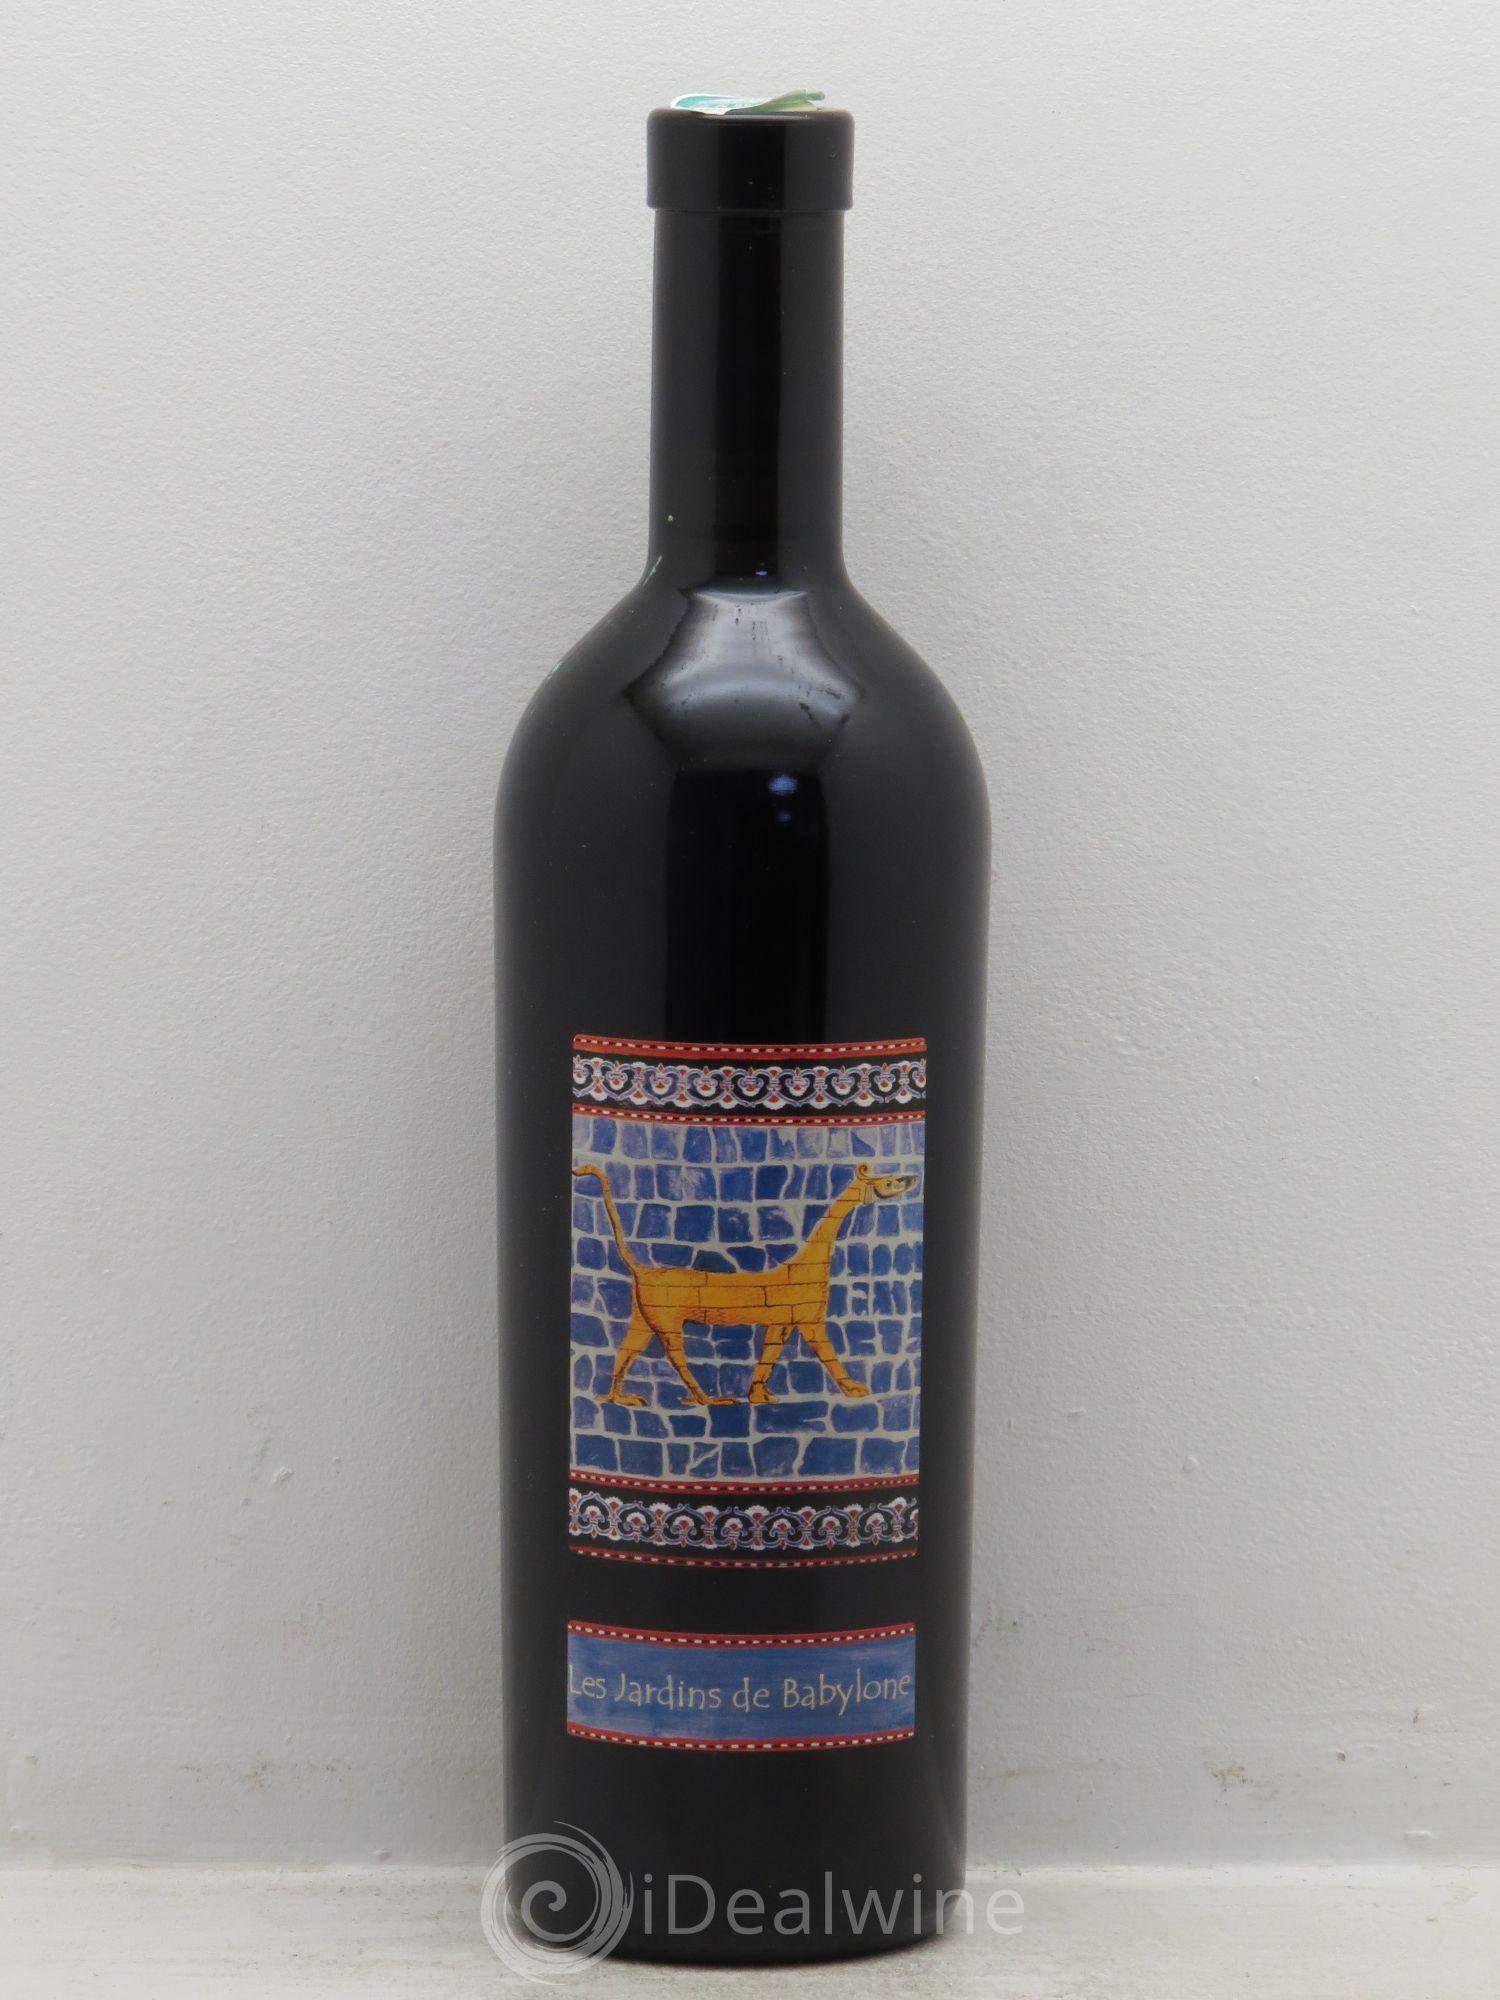 Find every shop in the world selling les jardins de la for Jardin de babylone wine